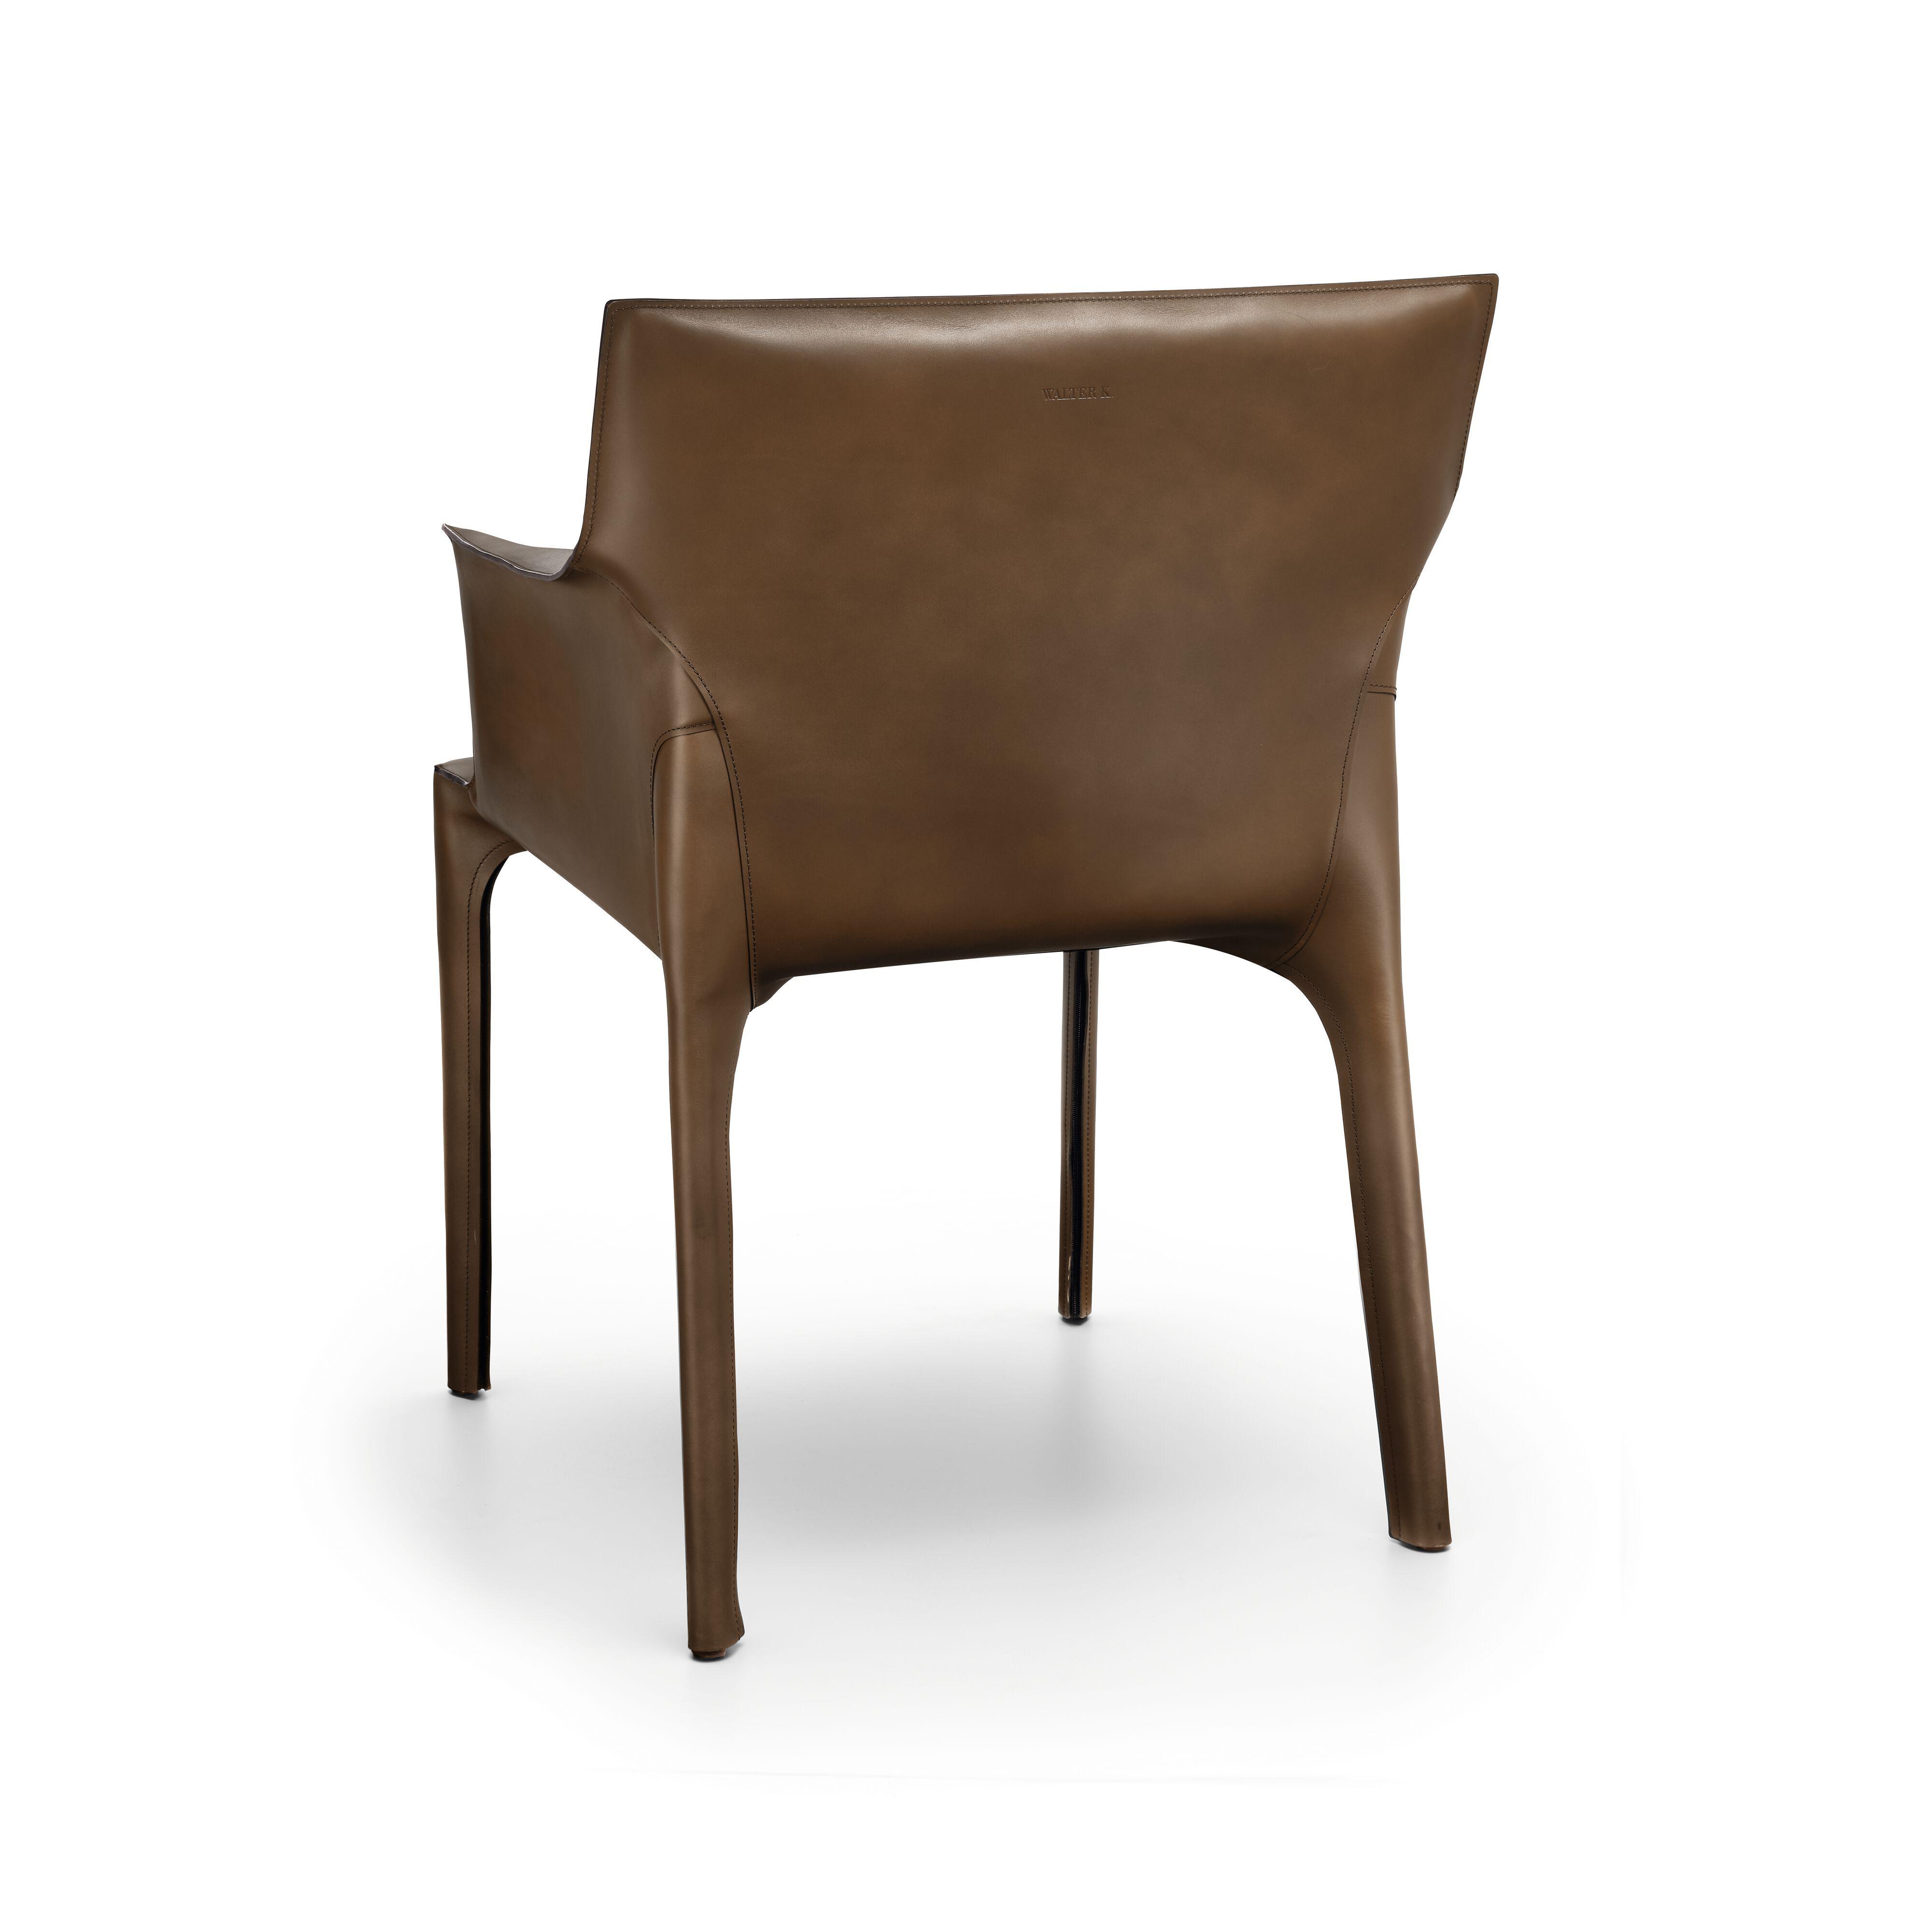 06-WK-Saddle-Chair-0024_WalterK.tif